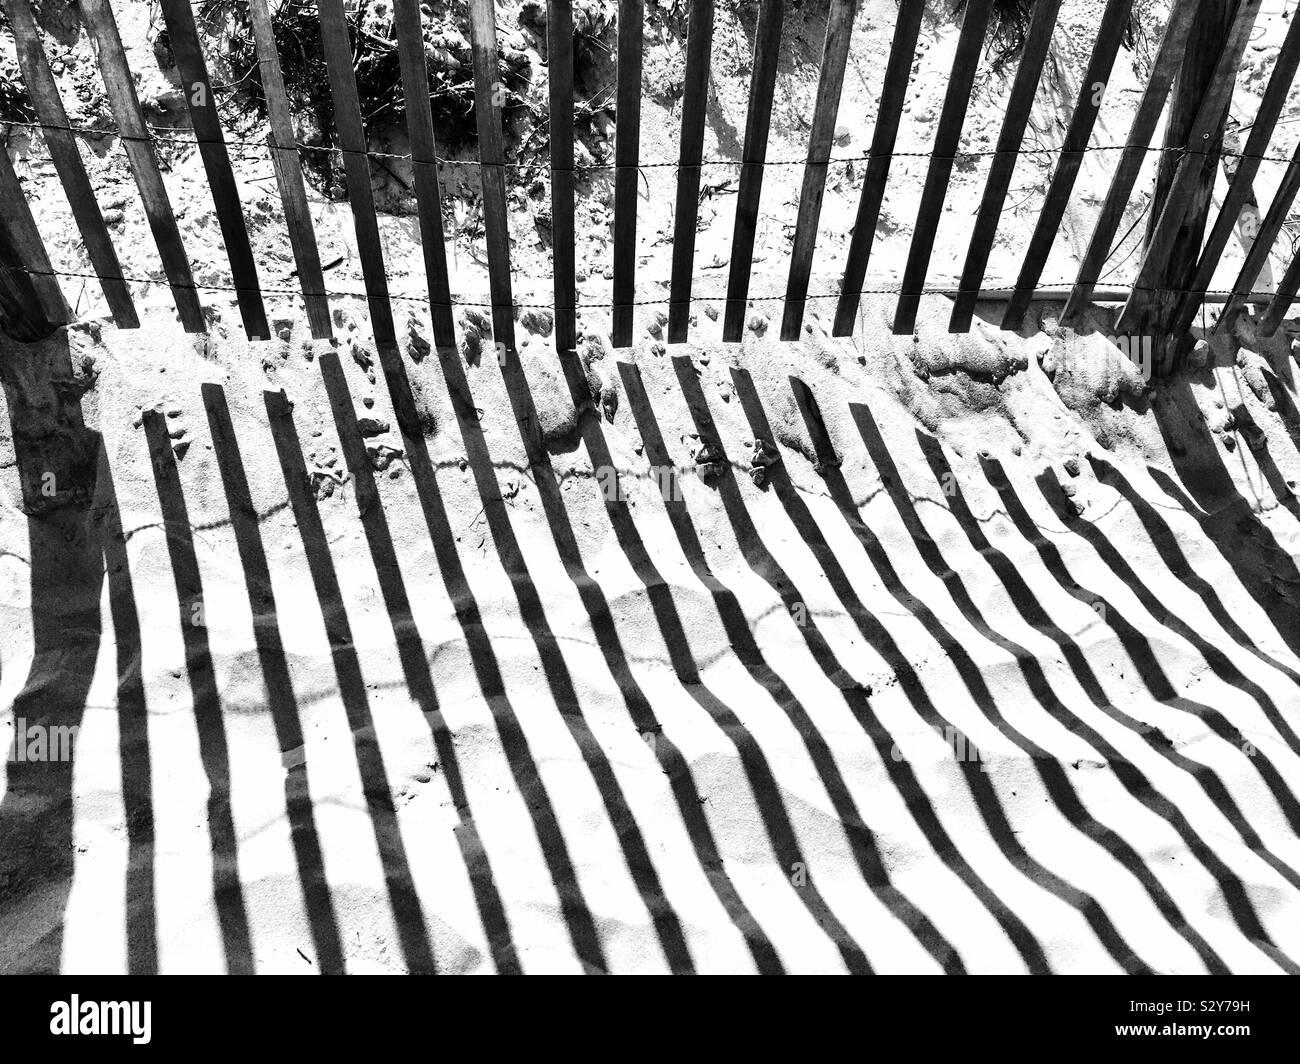 Une clôture en bois le long d'un sentier de sable menant à la plage a son ombre formant un motif abstrait dans le sable. Banque D'Images